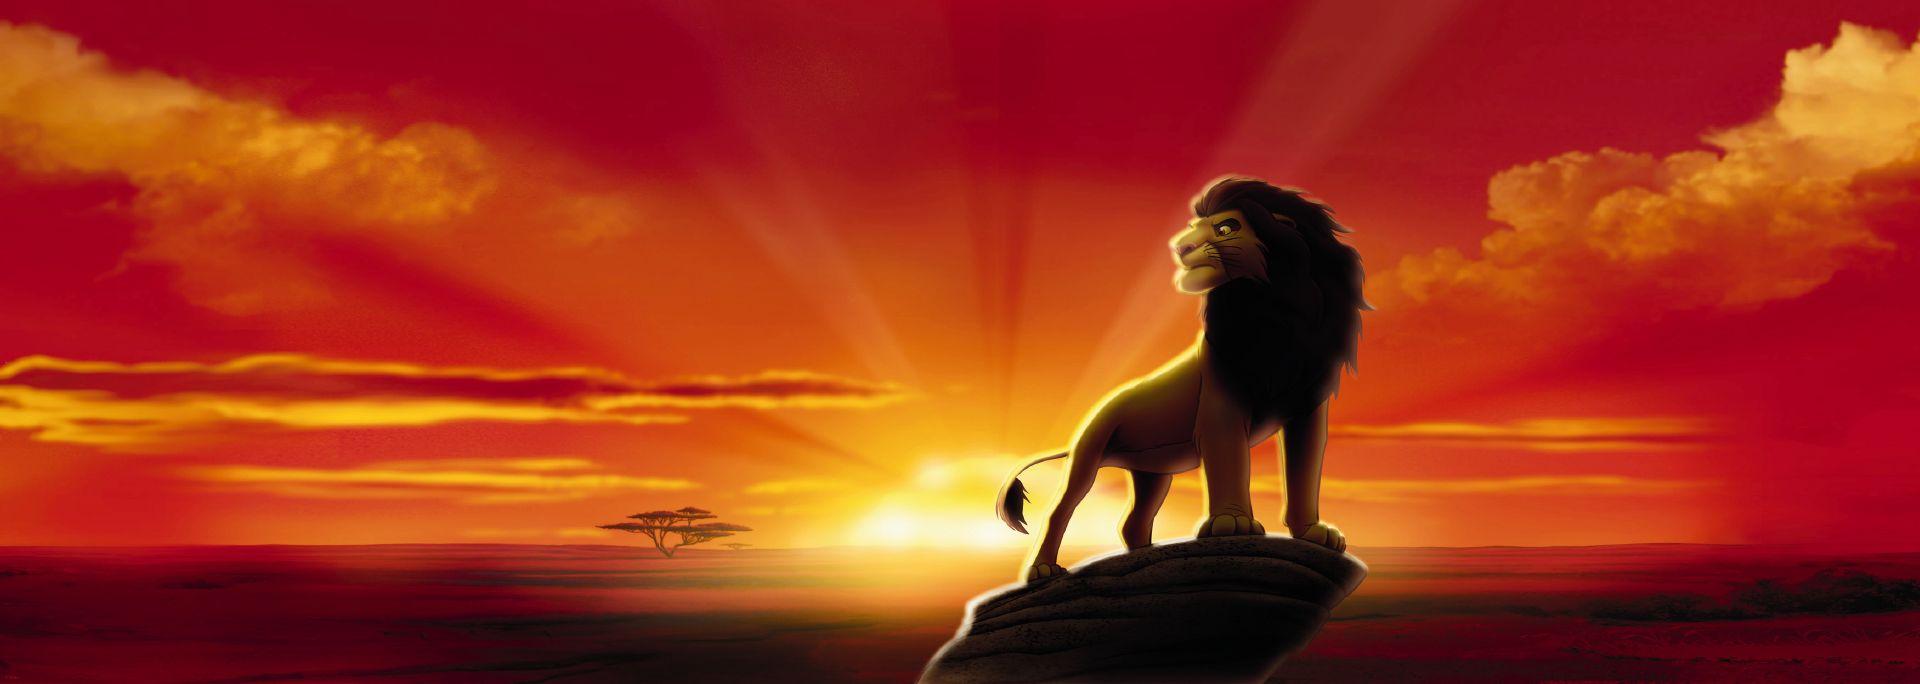 король лев 2017 мультфильм